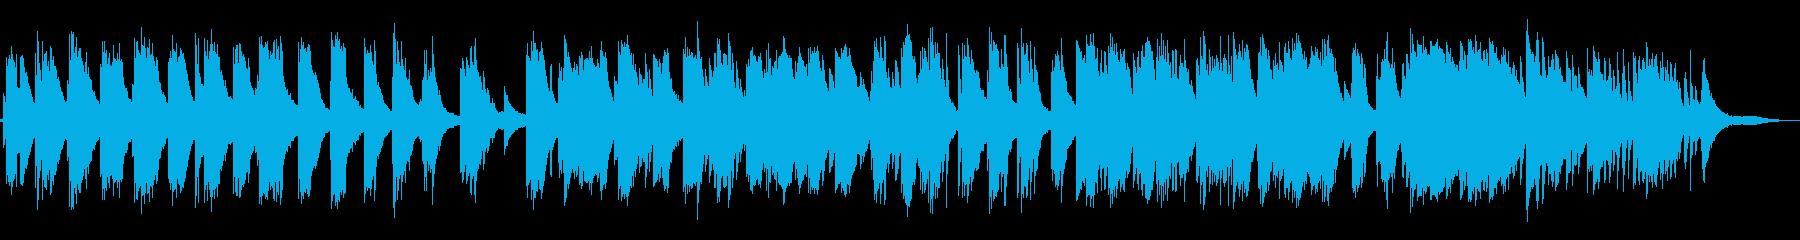 穏やかなピアノの再生済みの波形